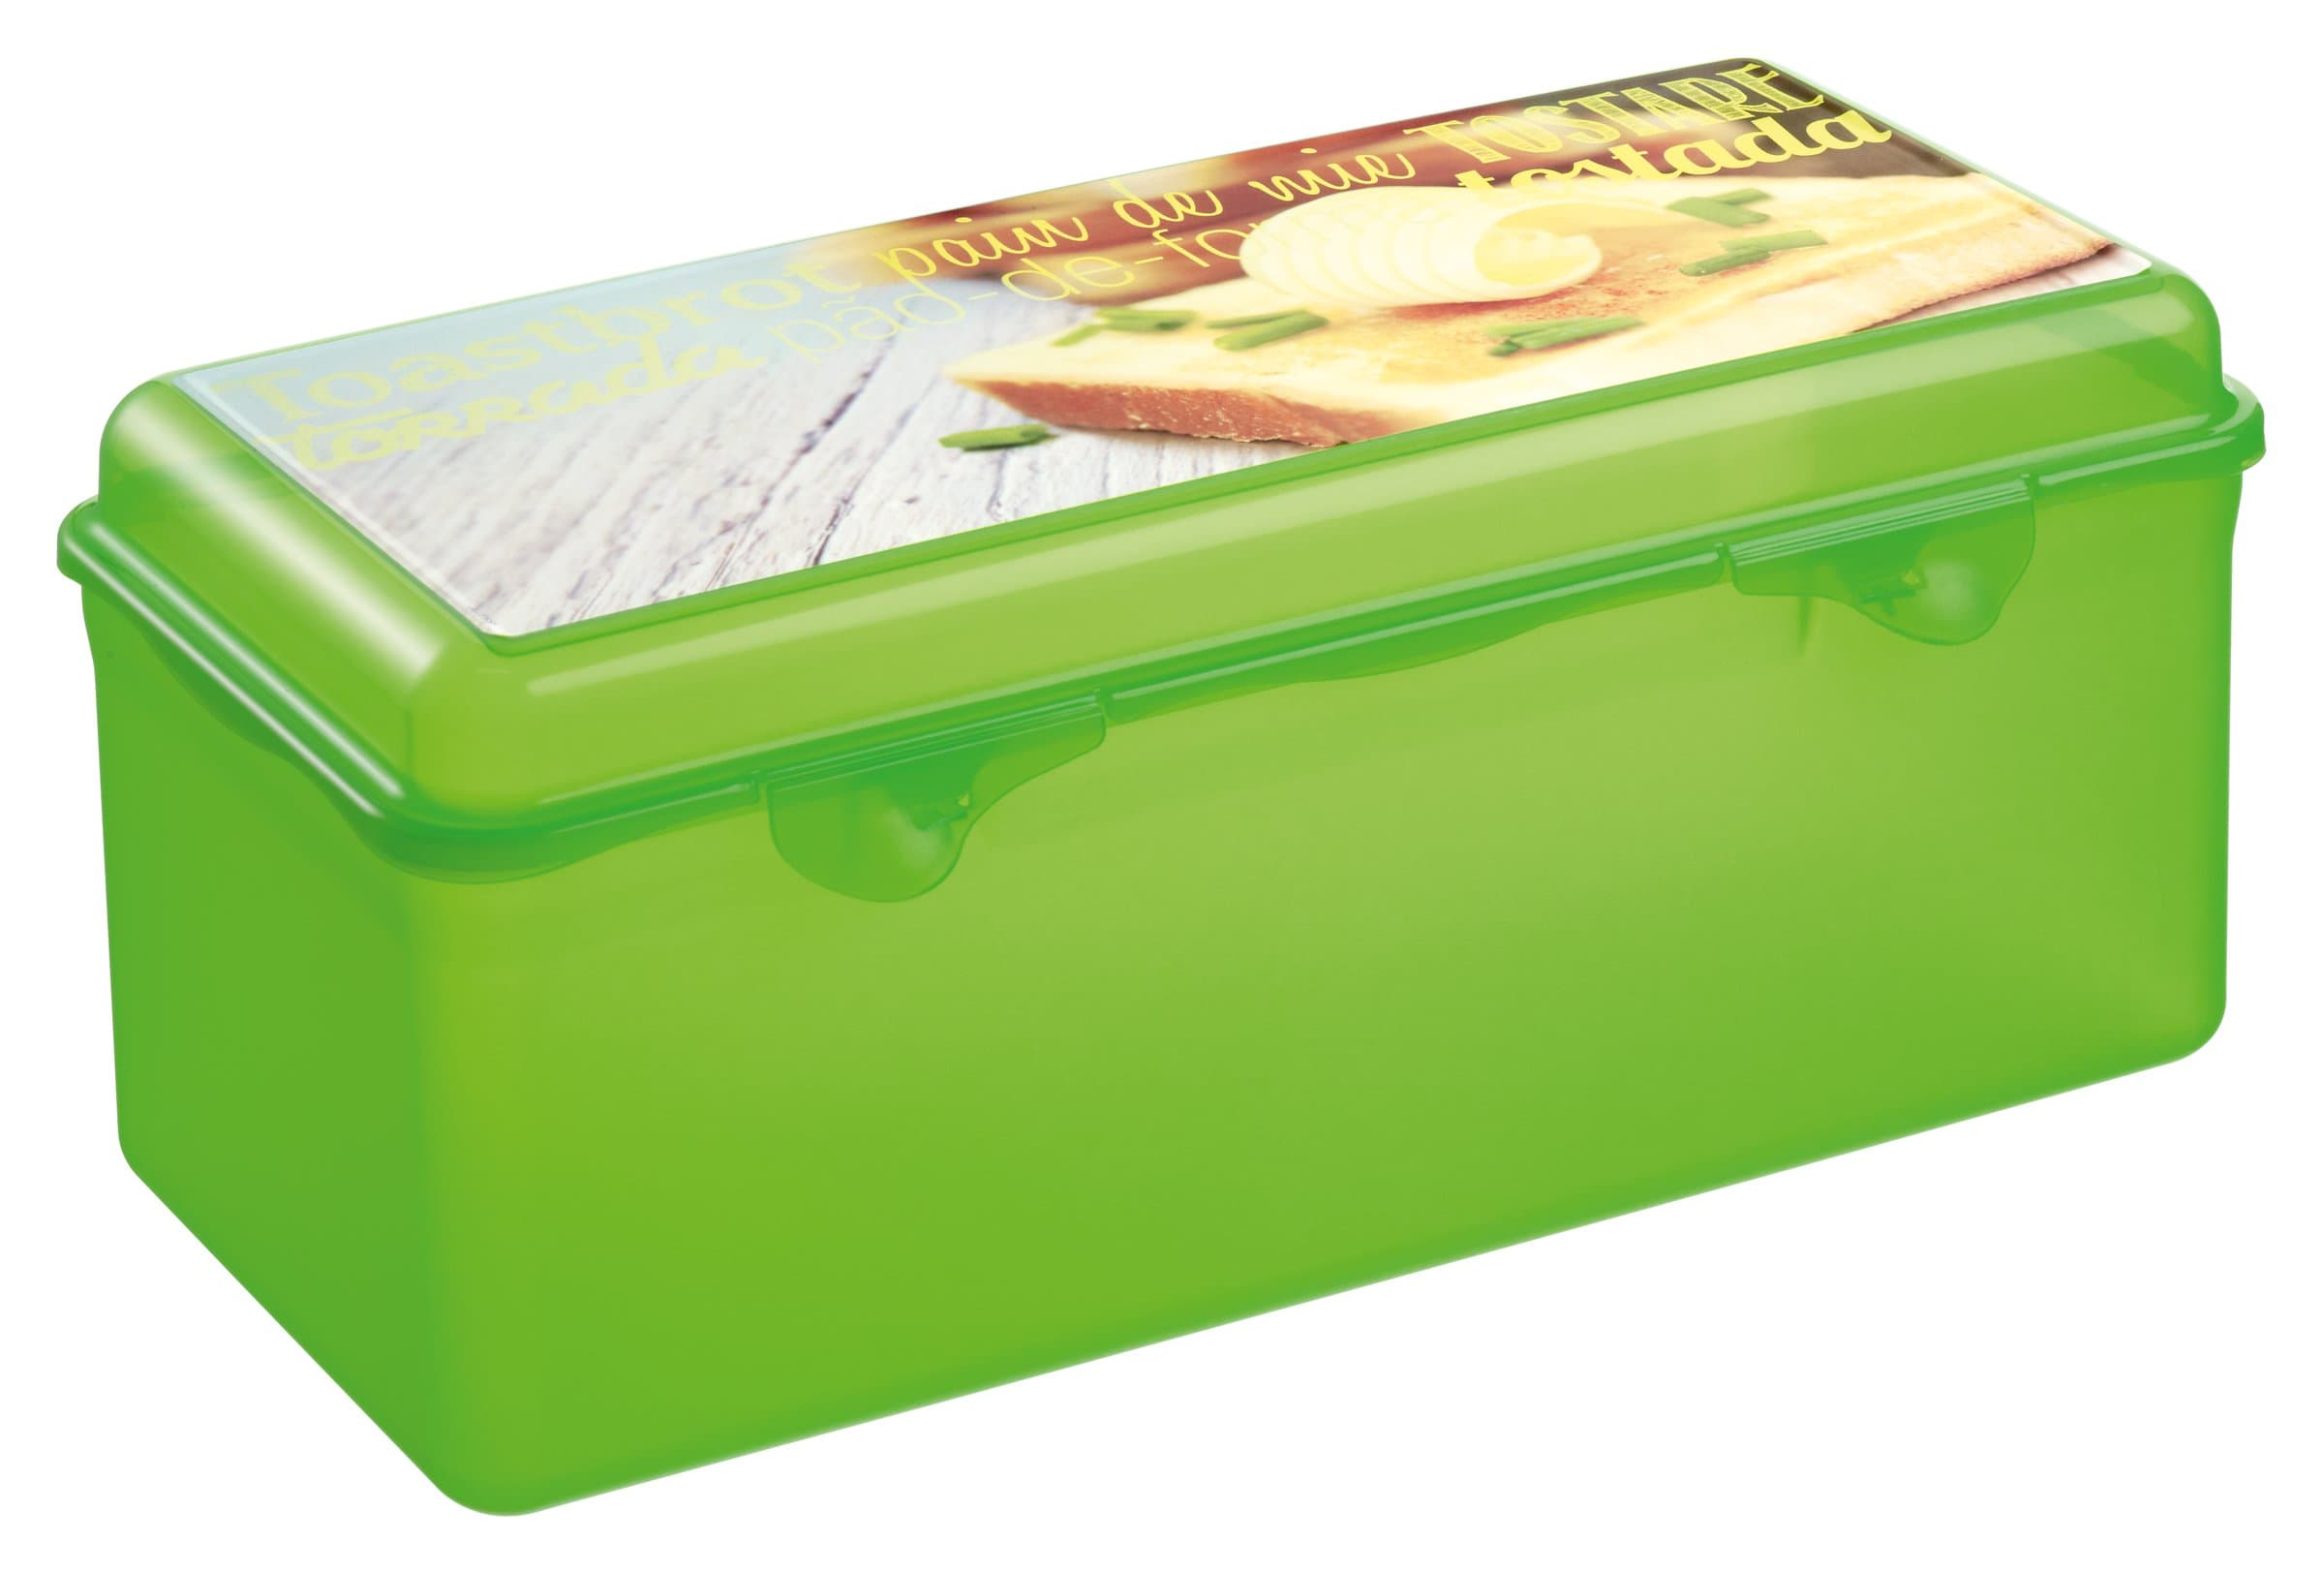 M-Topline M-TOPLINE Toastbrotbox